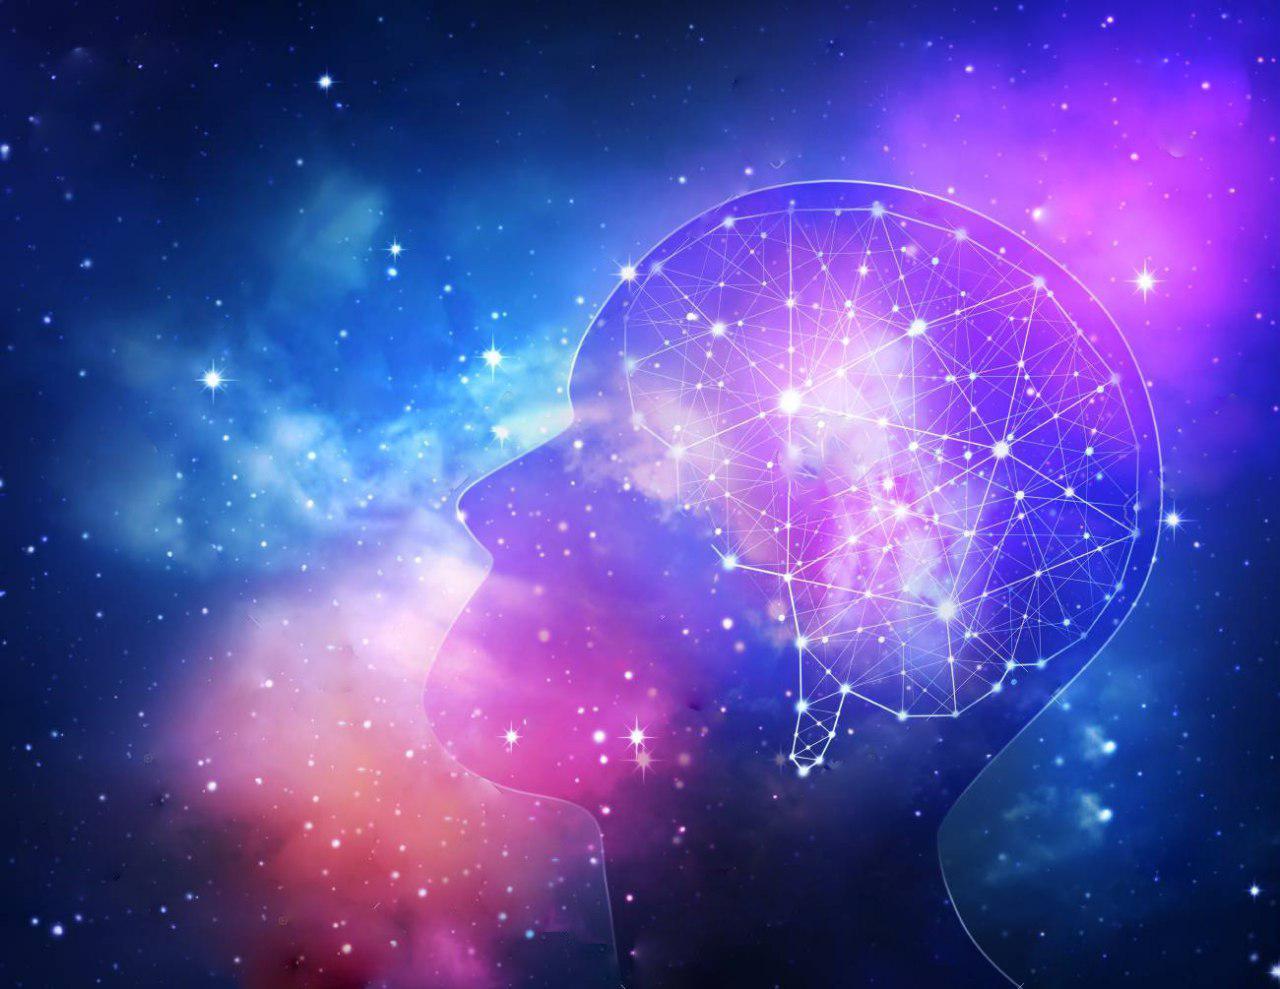 Vũ trụ phải chăng cũng là một sinh mệnh? Hãy cùng nghe các nhà khoa học bàn về nó - ảnh 3